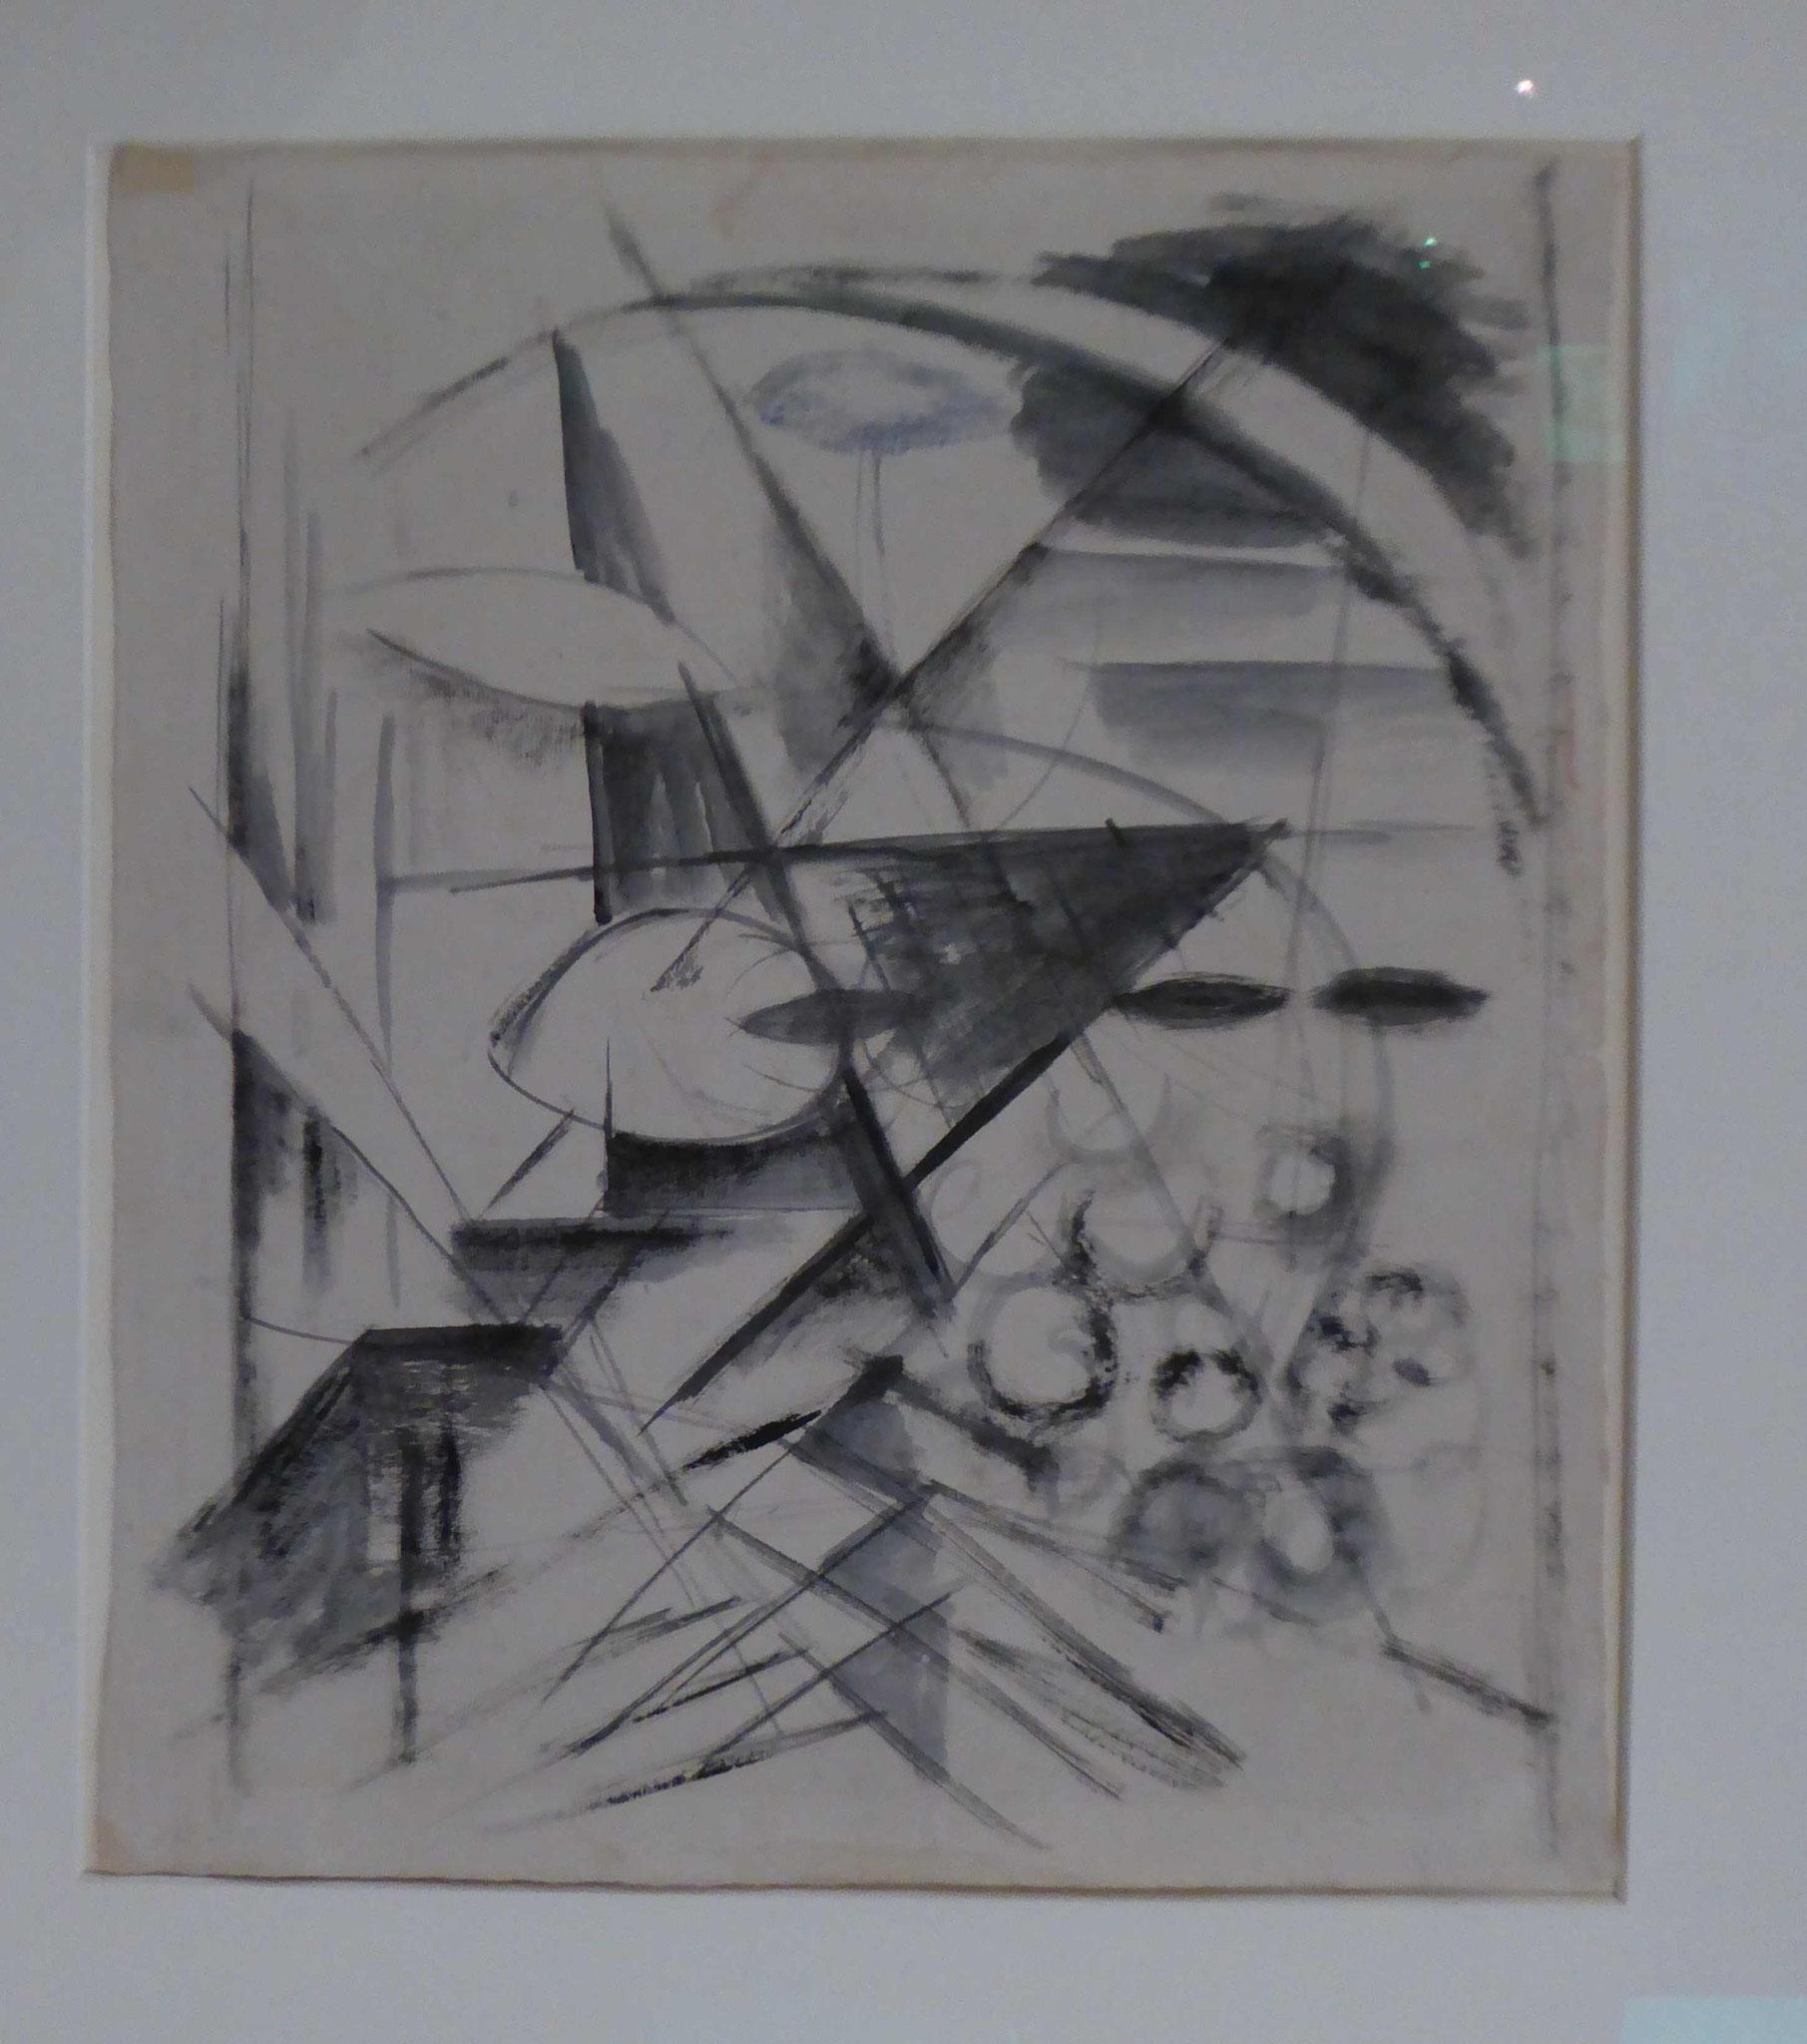 Franz M arc, Abstrakte Zeichnung, 1913/14, Museum Moritzburg, Halle